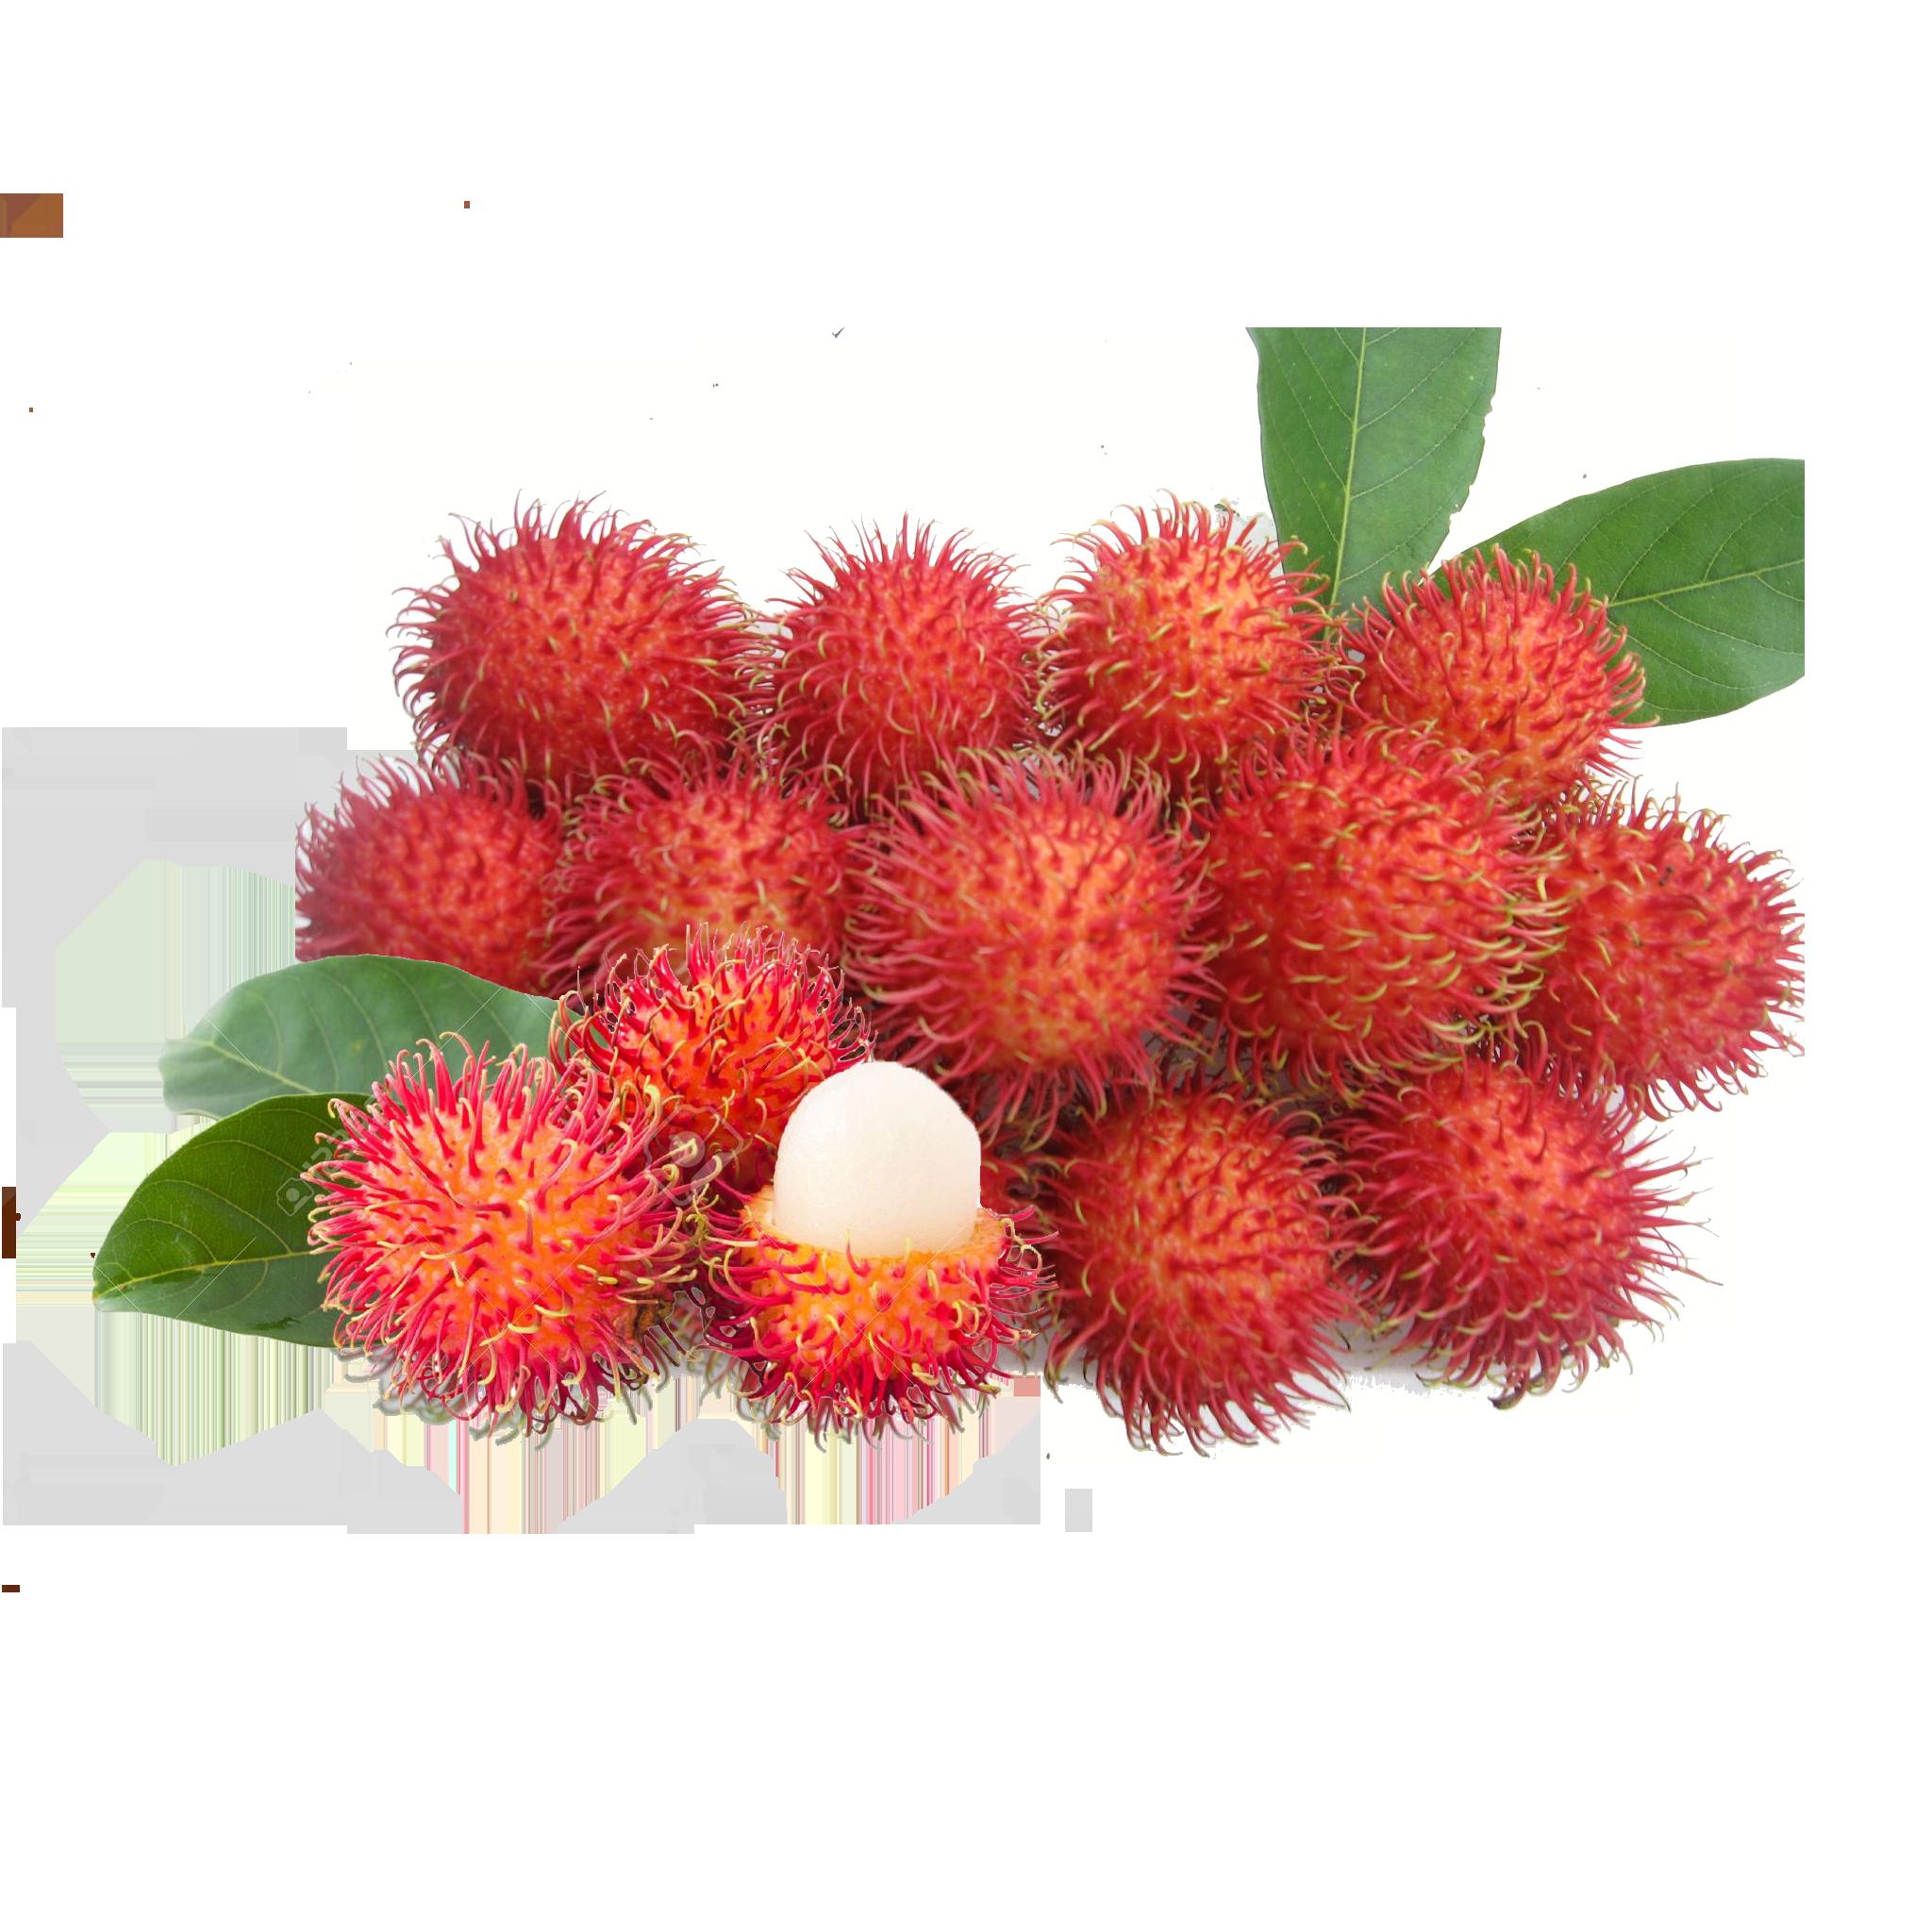 PNG Rambutan - 67843